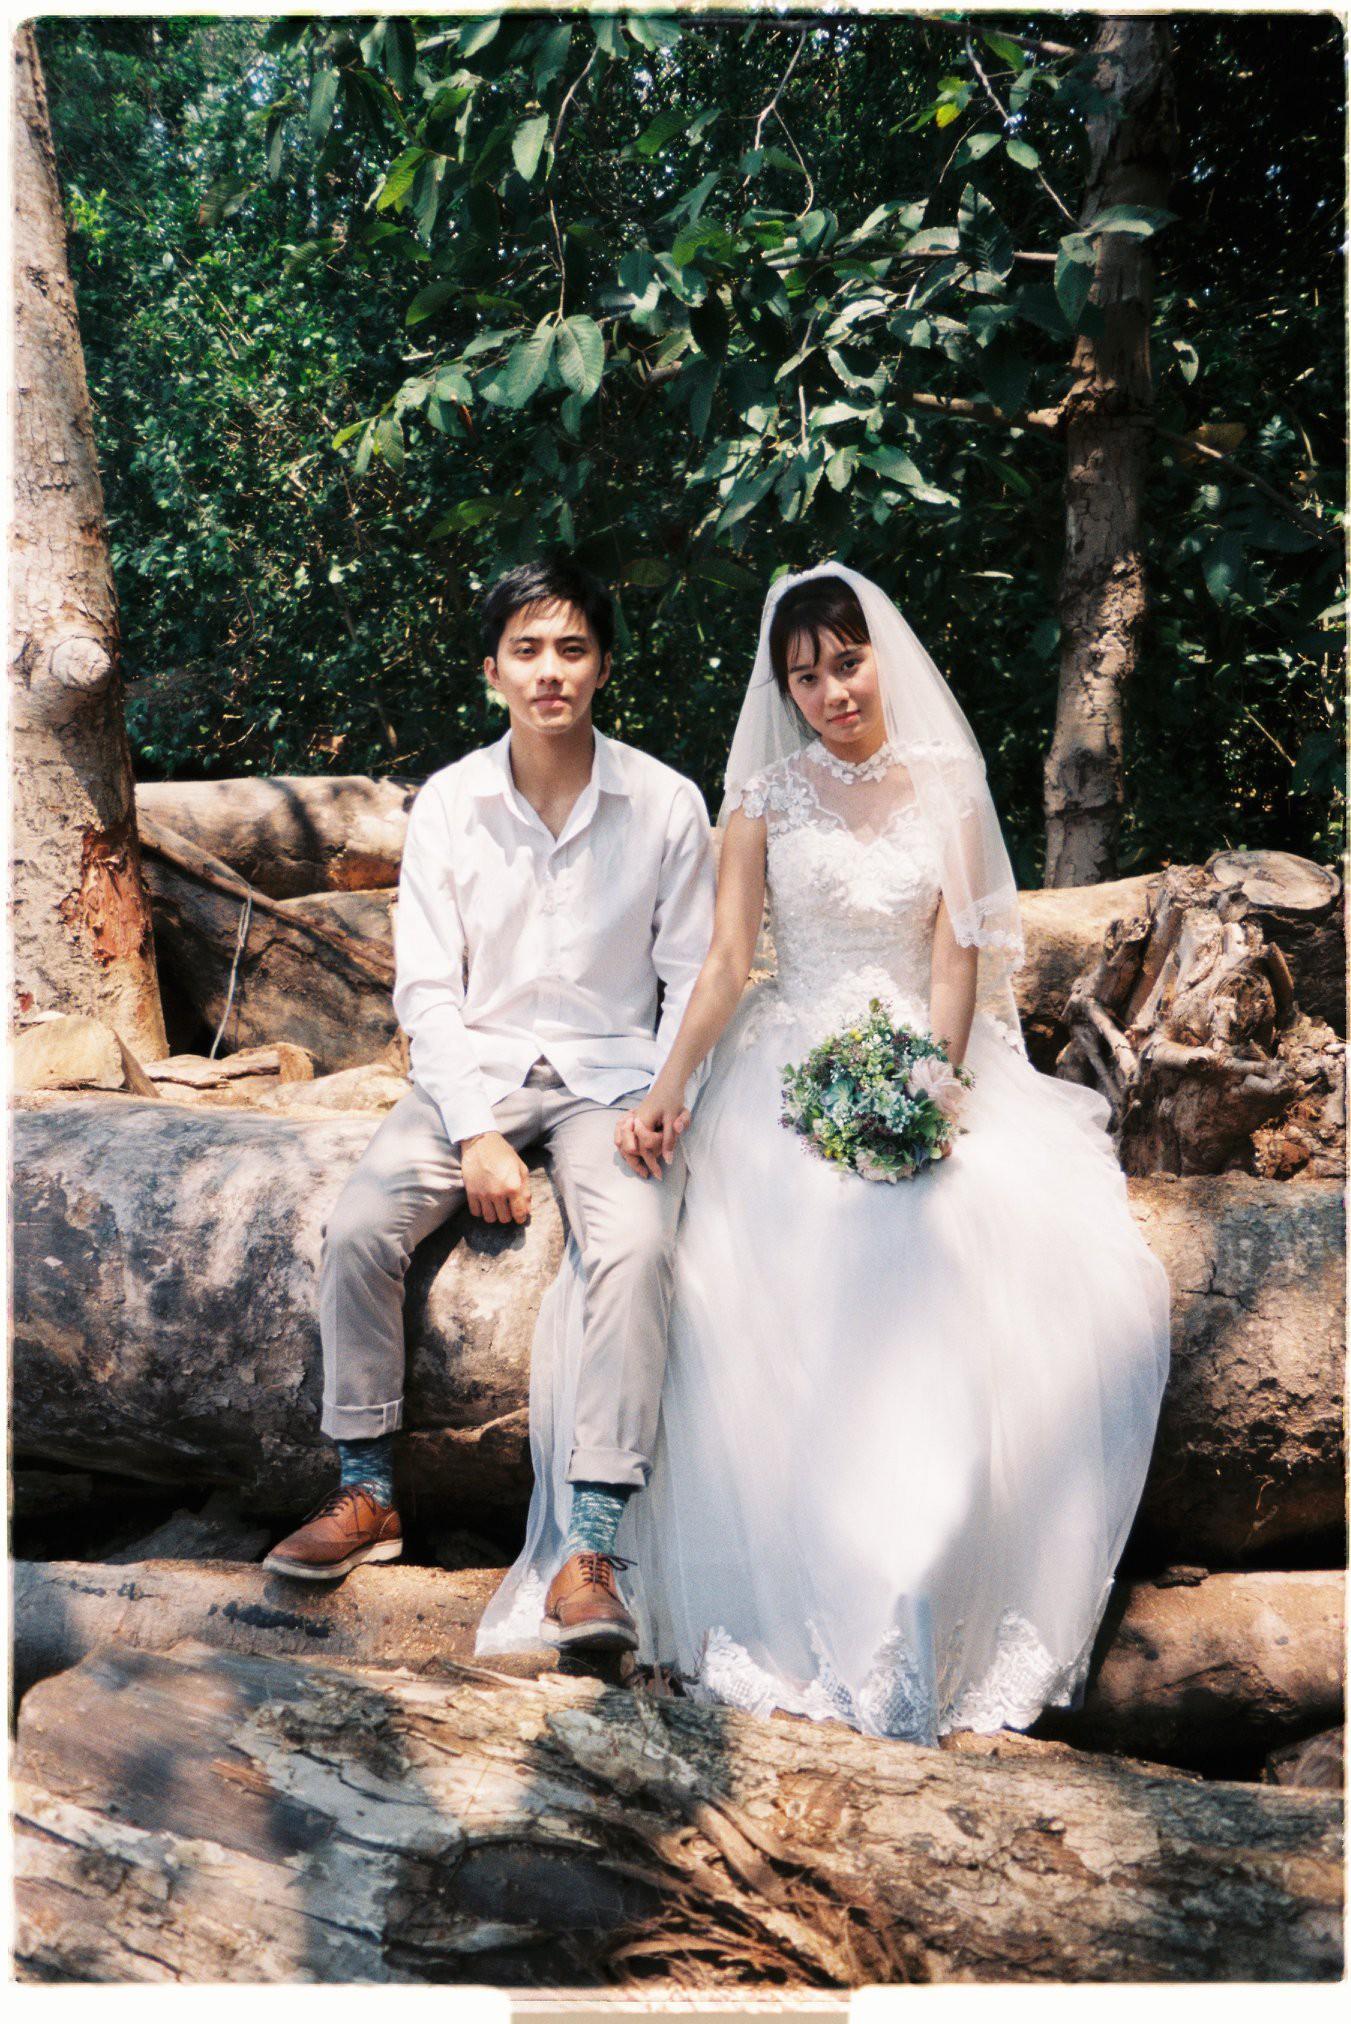 30 phút mượn vườn nhà bác hàng xóm, 9X Việt cho ra bộ ảnh cưới chất như film Hong Kong - Ảnh 11.